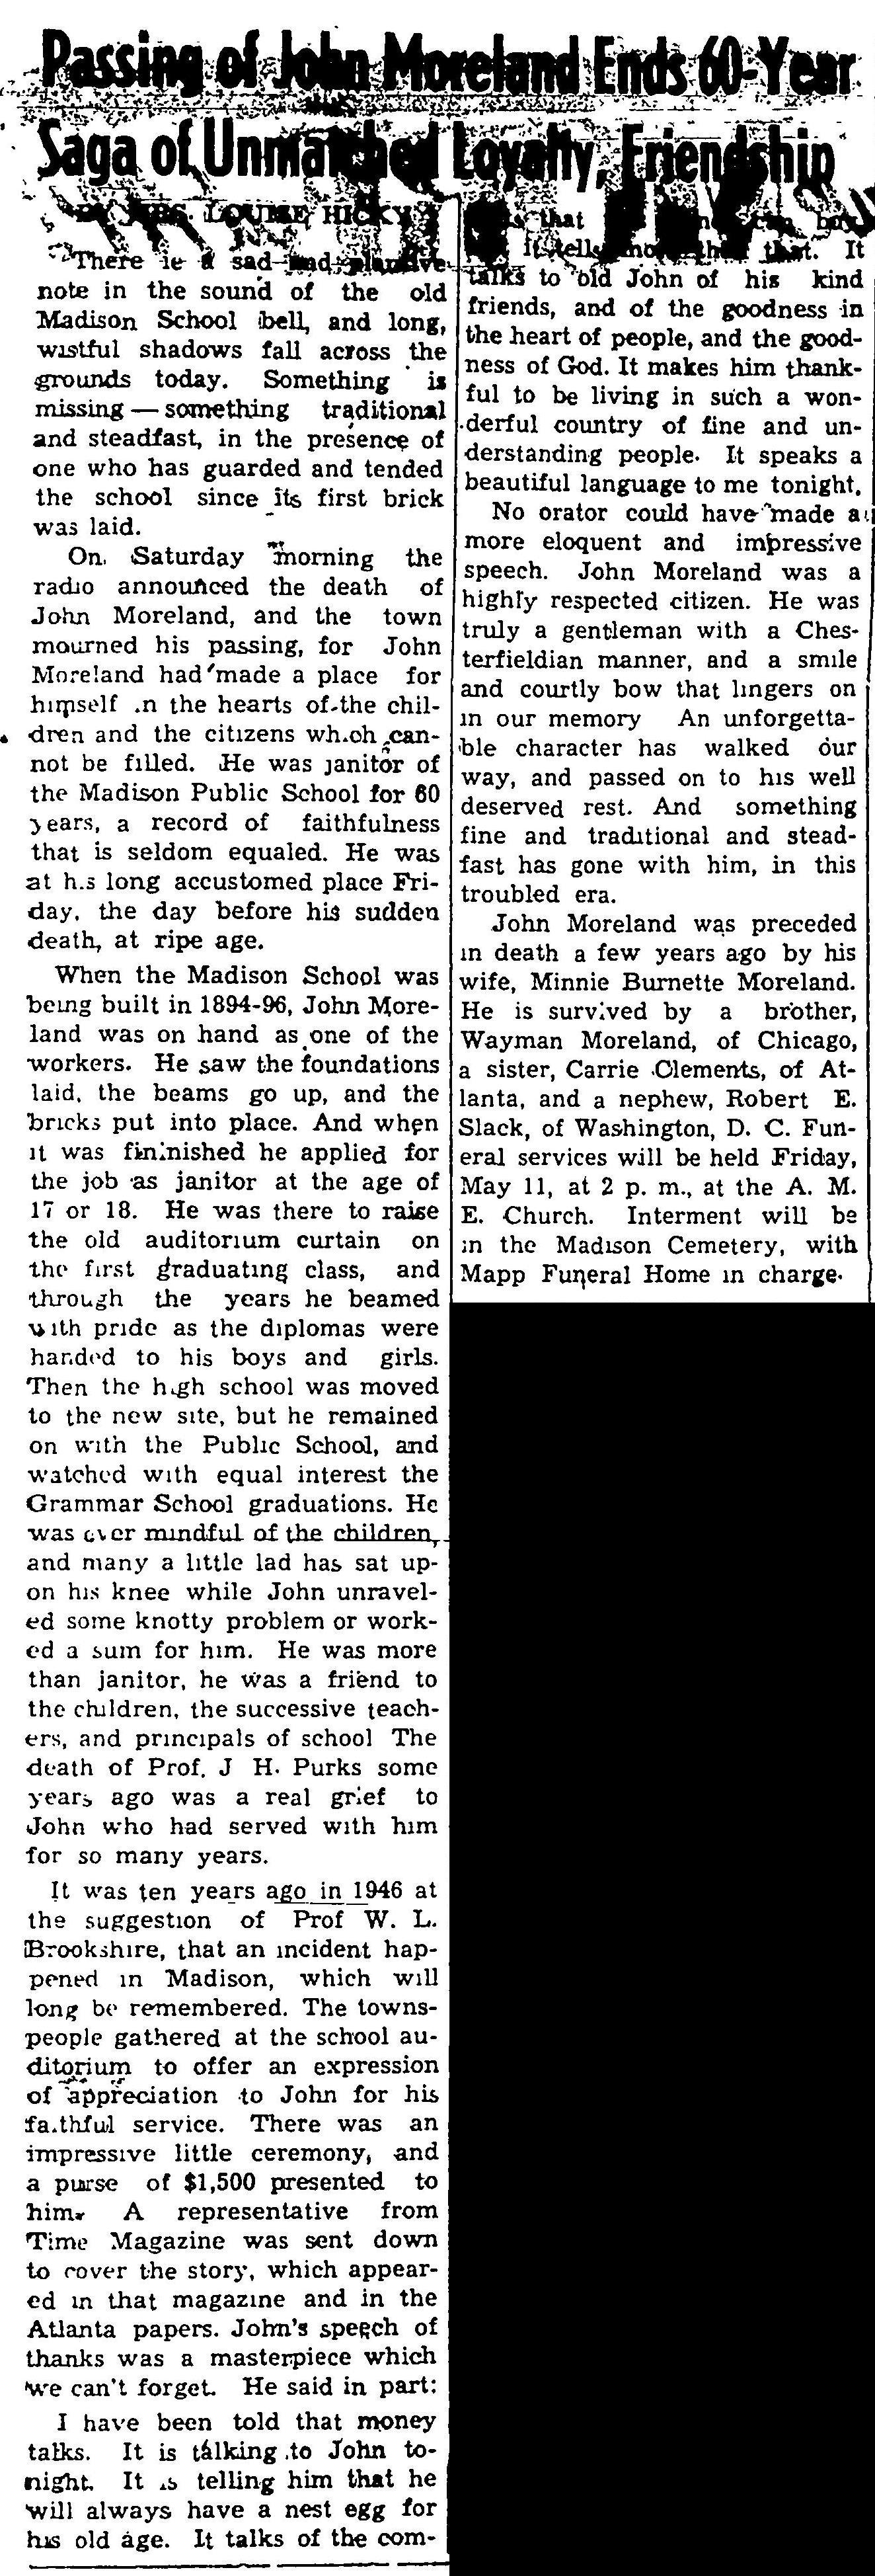 moreland_john_1956-obituary.png